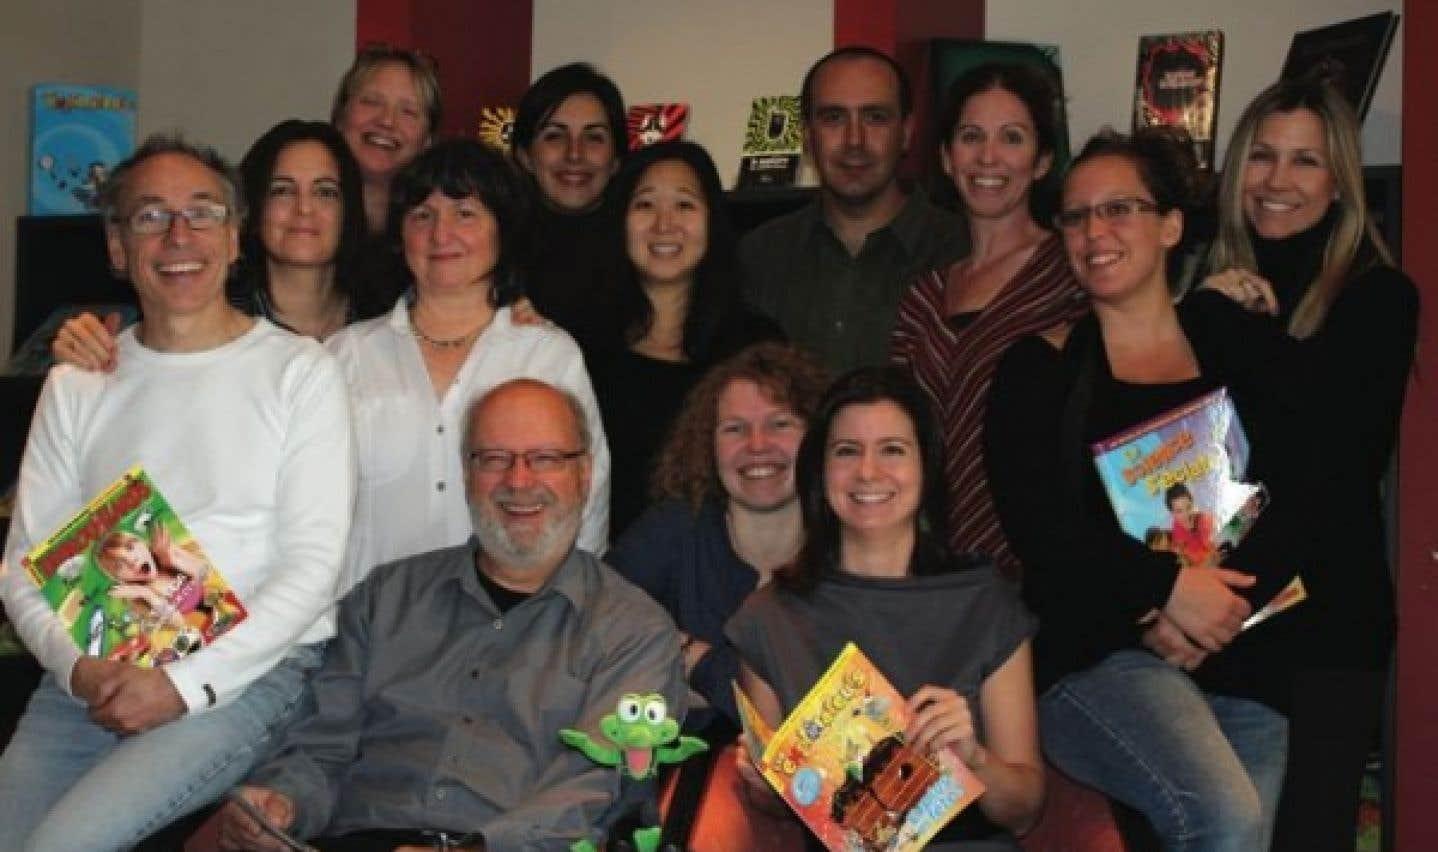 L'équipe rédactionnelle des Débrouillards, avec à l'avant-plan la mascotte Beppo, l'éditeur Félix Maltais, la rédactrice en chef adjointe et la rédactrice en chef du magazine, Laurène Smagghe et Isabelle Vaillancourt.